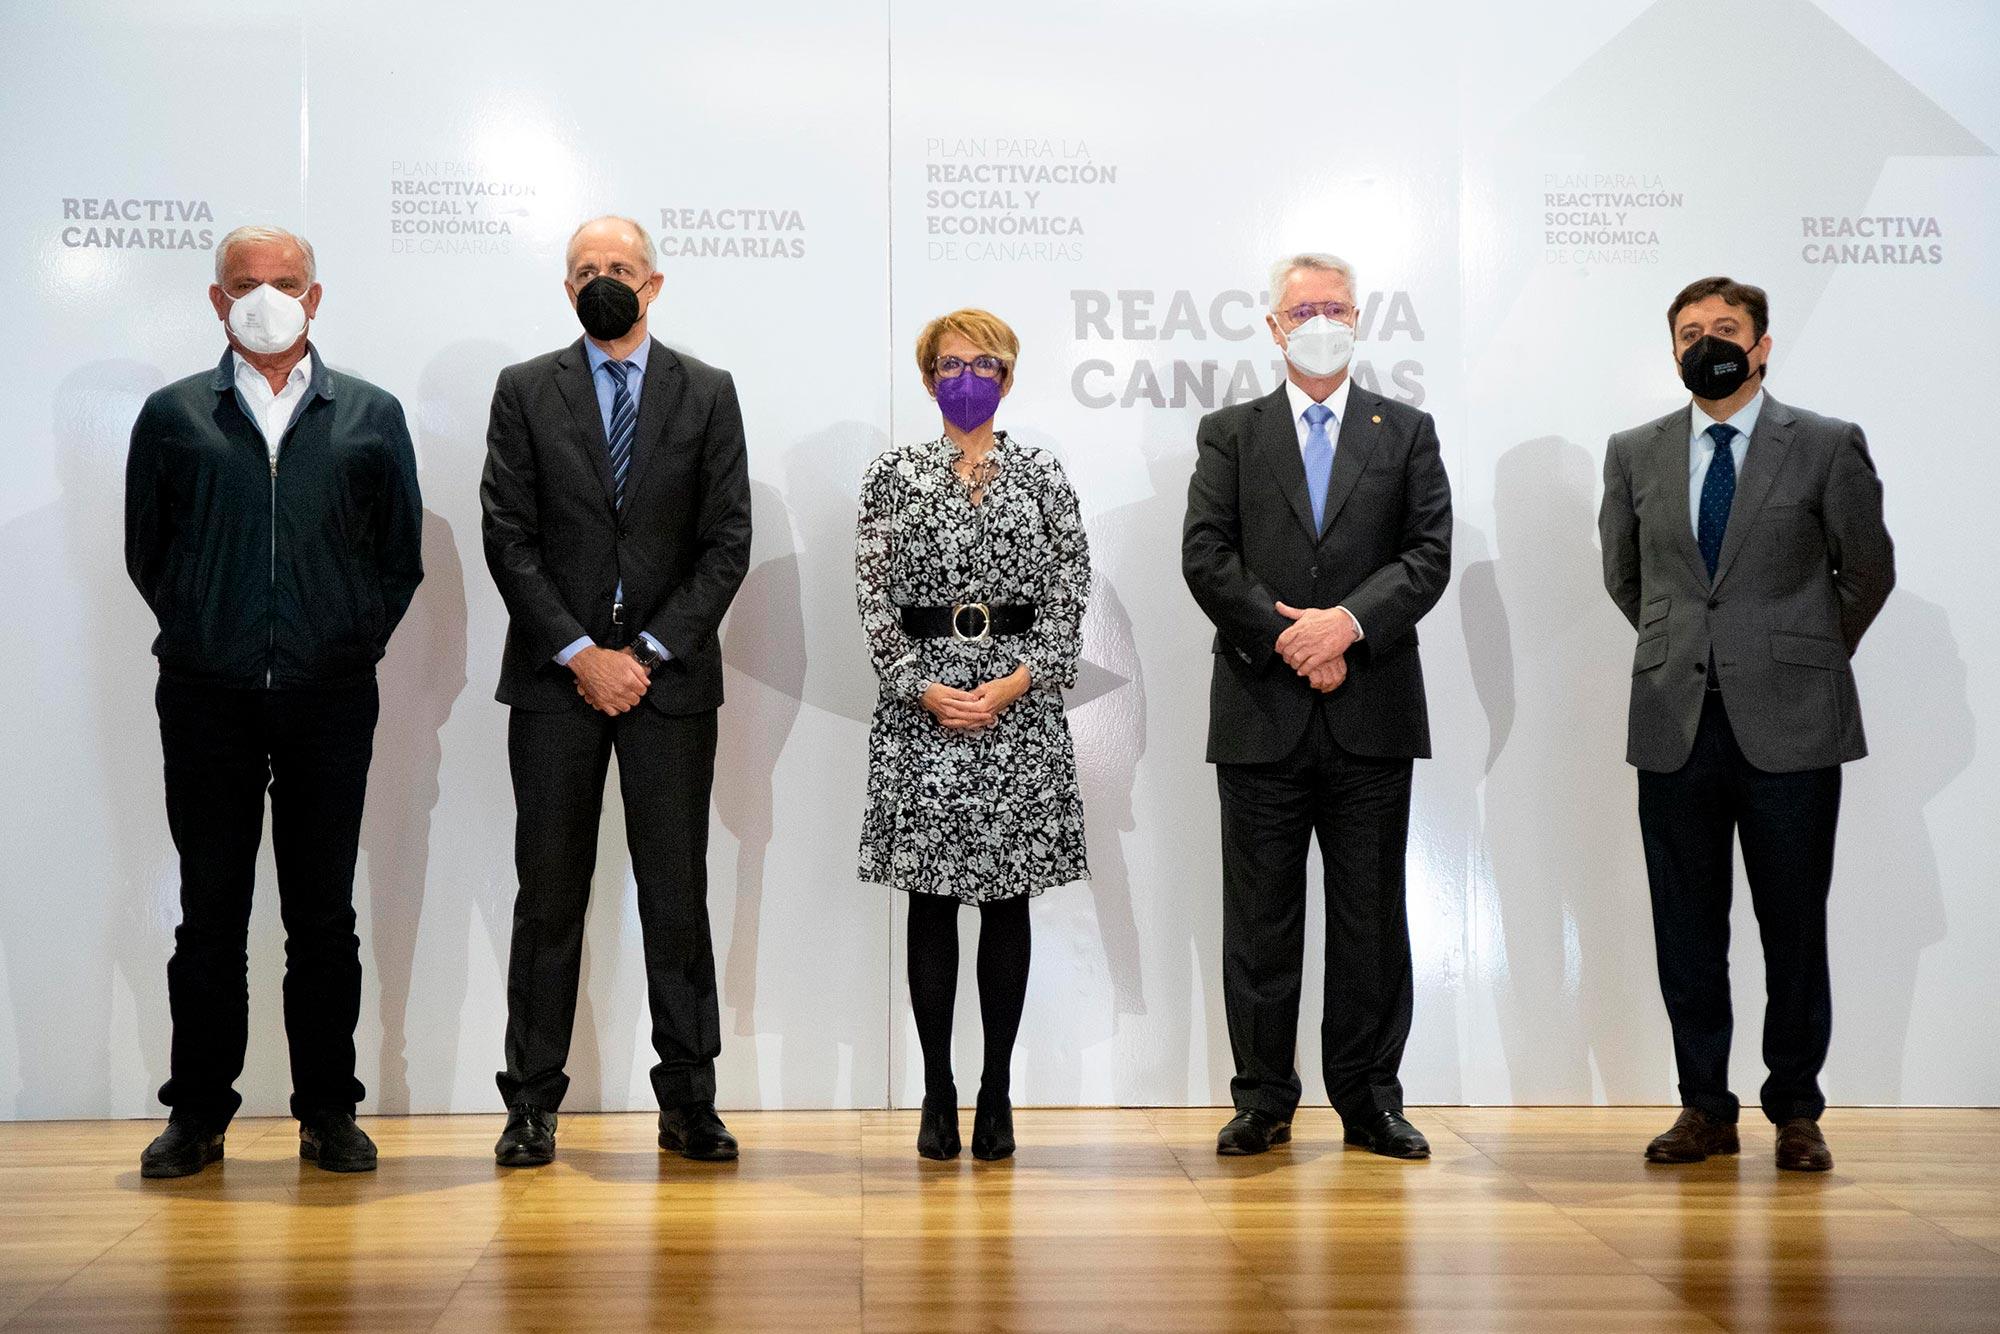 La consejera, con los presidentes de las cámaras